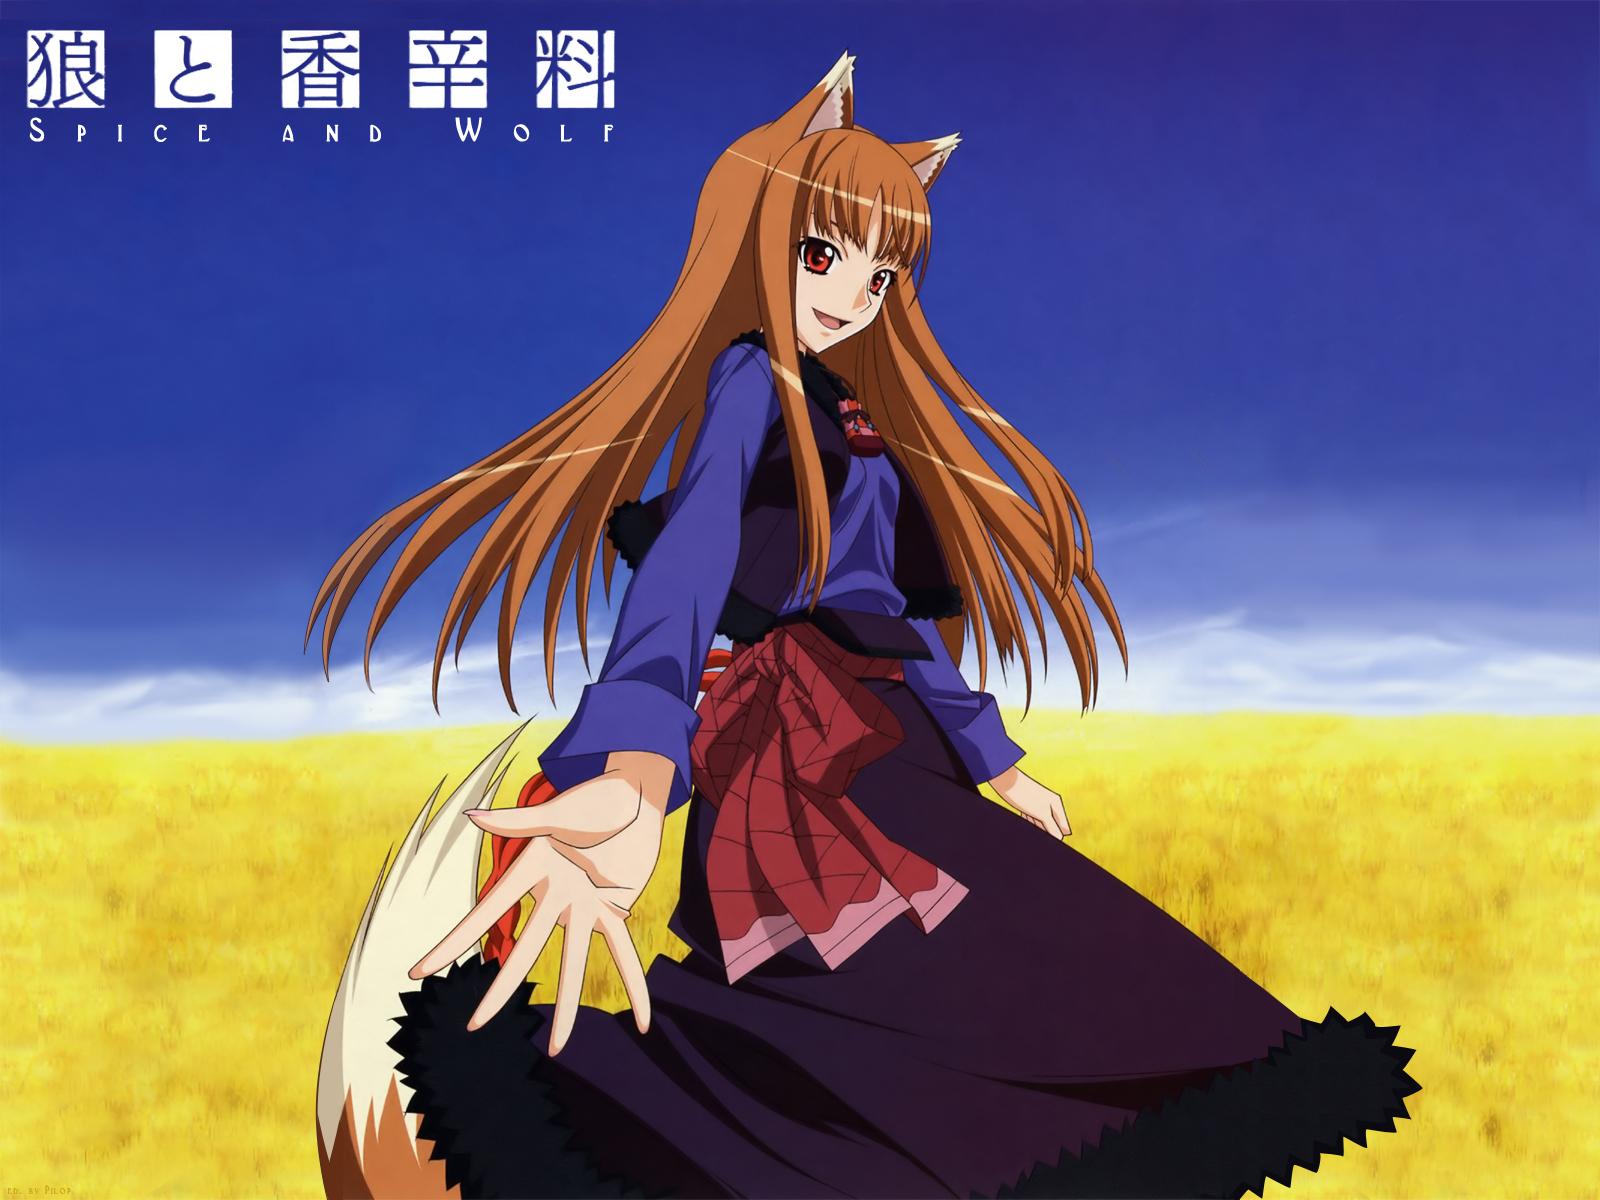 Spice and wolf платье волчица и пряности